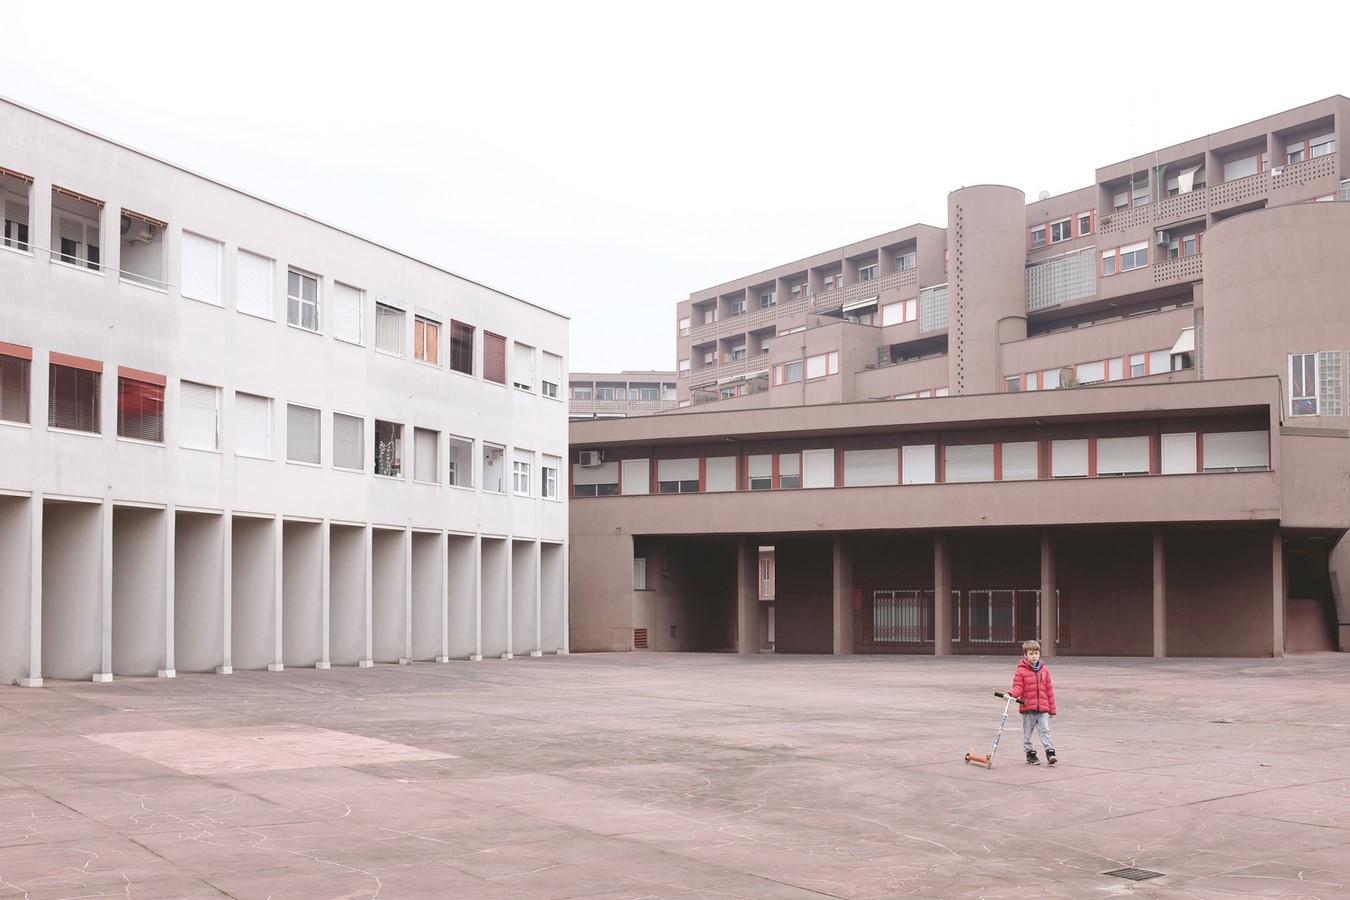 Architectural theoretician: Aldo Rossi - Sheet6